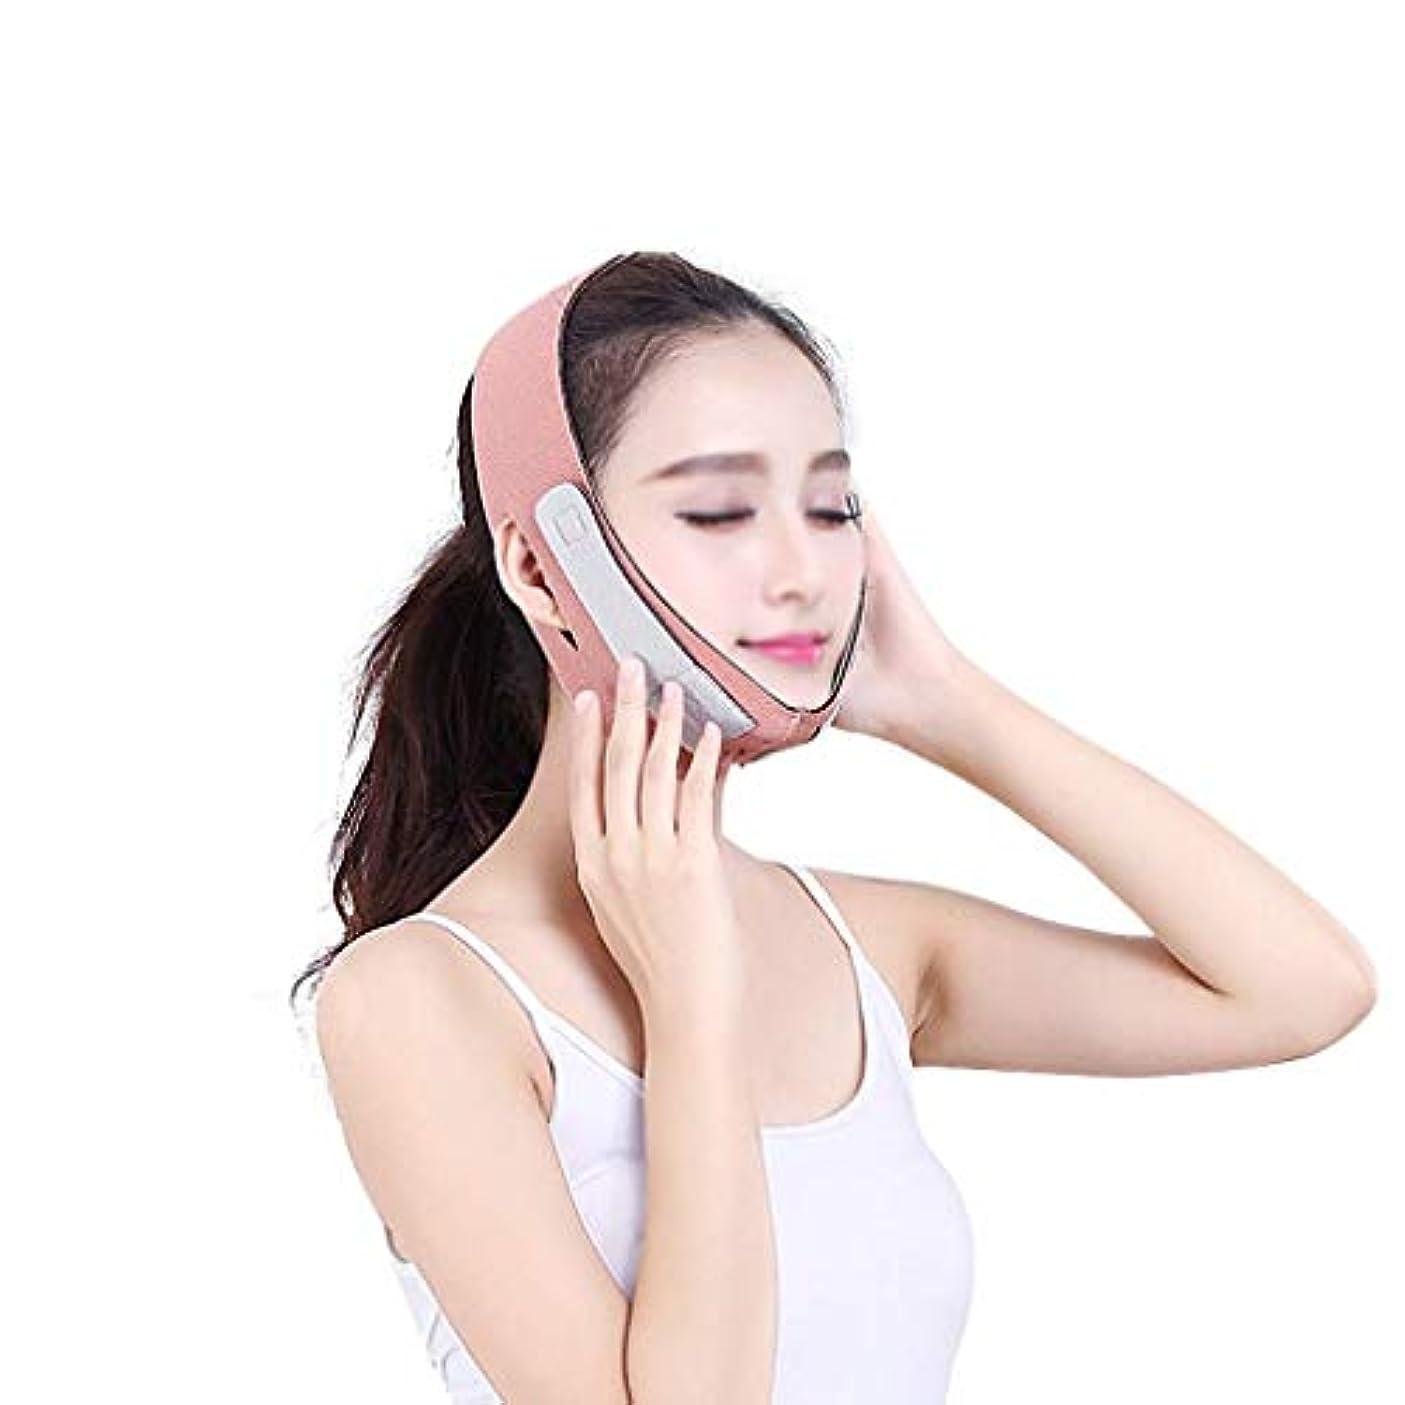 居眠りする特に処方するフェイシャルリフティングスリミングベルト、フェイスリフティングマスク、フェイシャル減量マスク、ダブルチンケア減量(フリーサイズ、オレンジ)